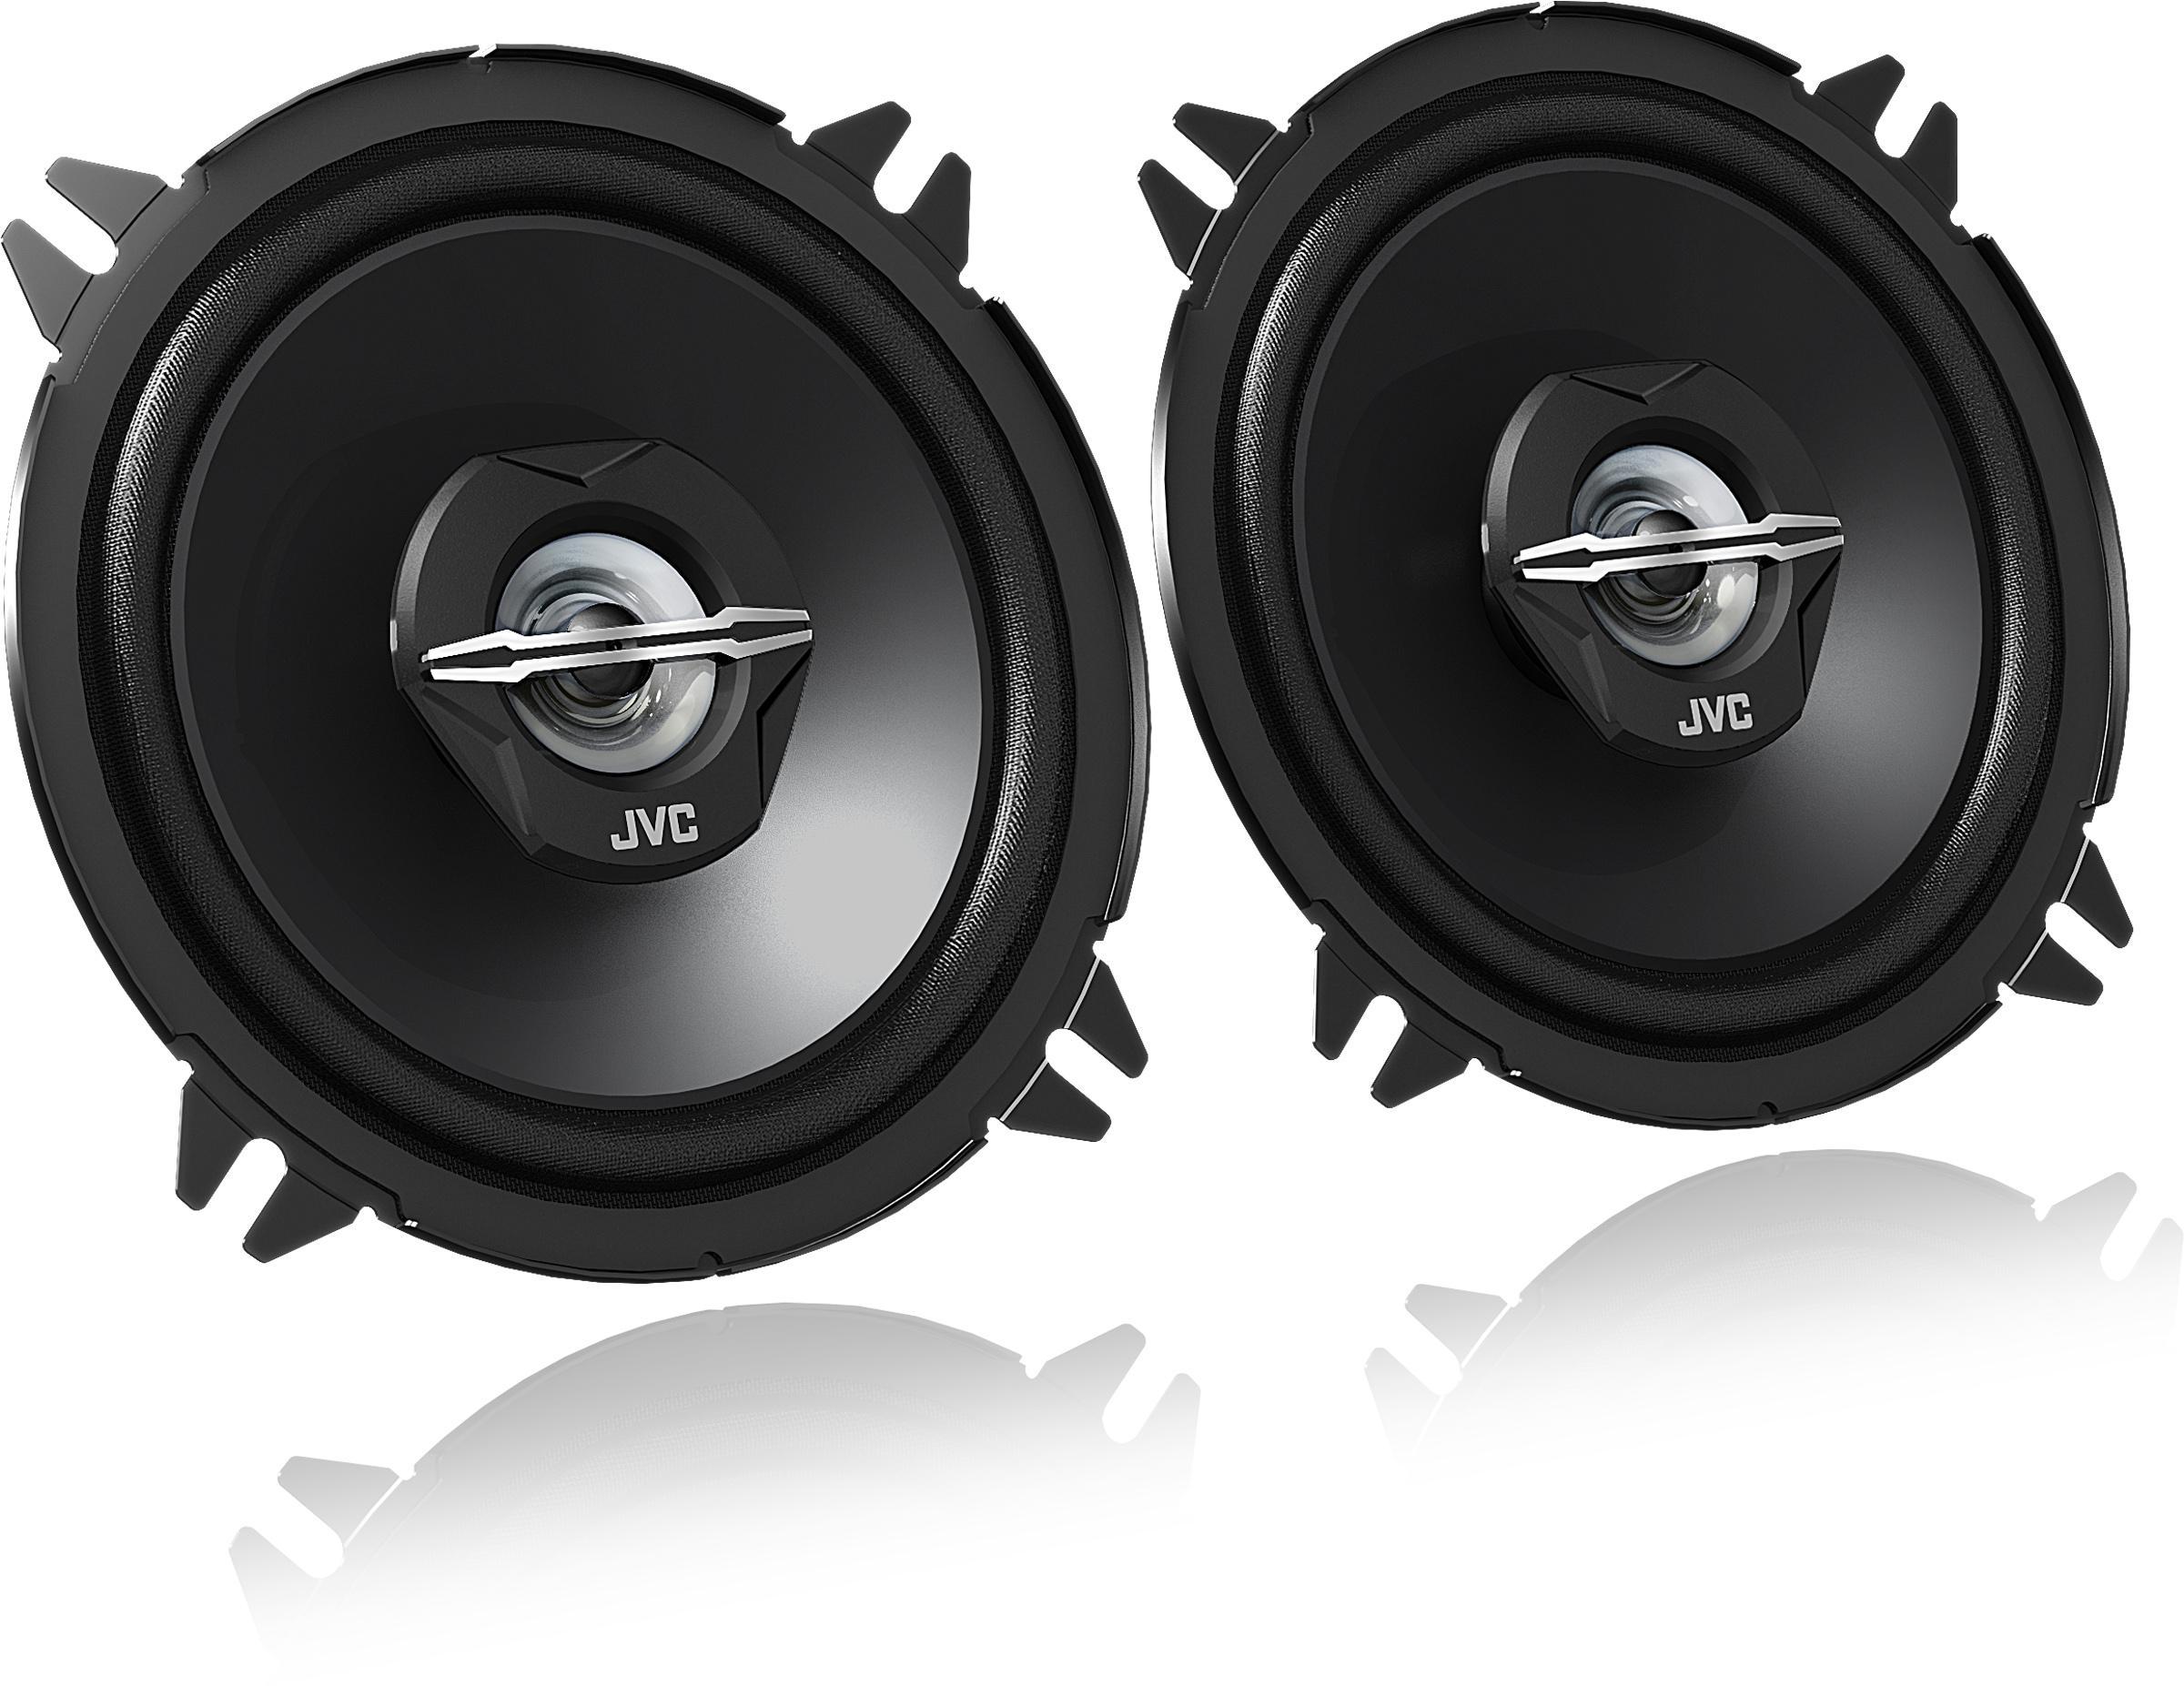 CS-J520X JVC Ø: 130, 25mm, mit Nut, mit Schrauben, Leistung: 250W Lautsprecher CS-J520X günstig kaufen